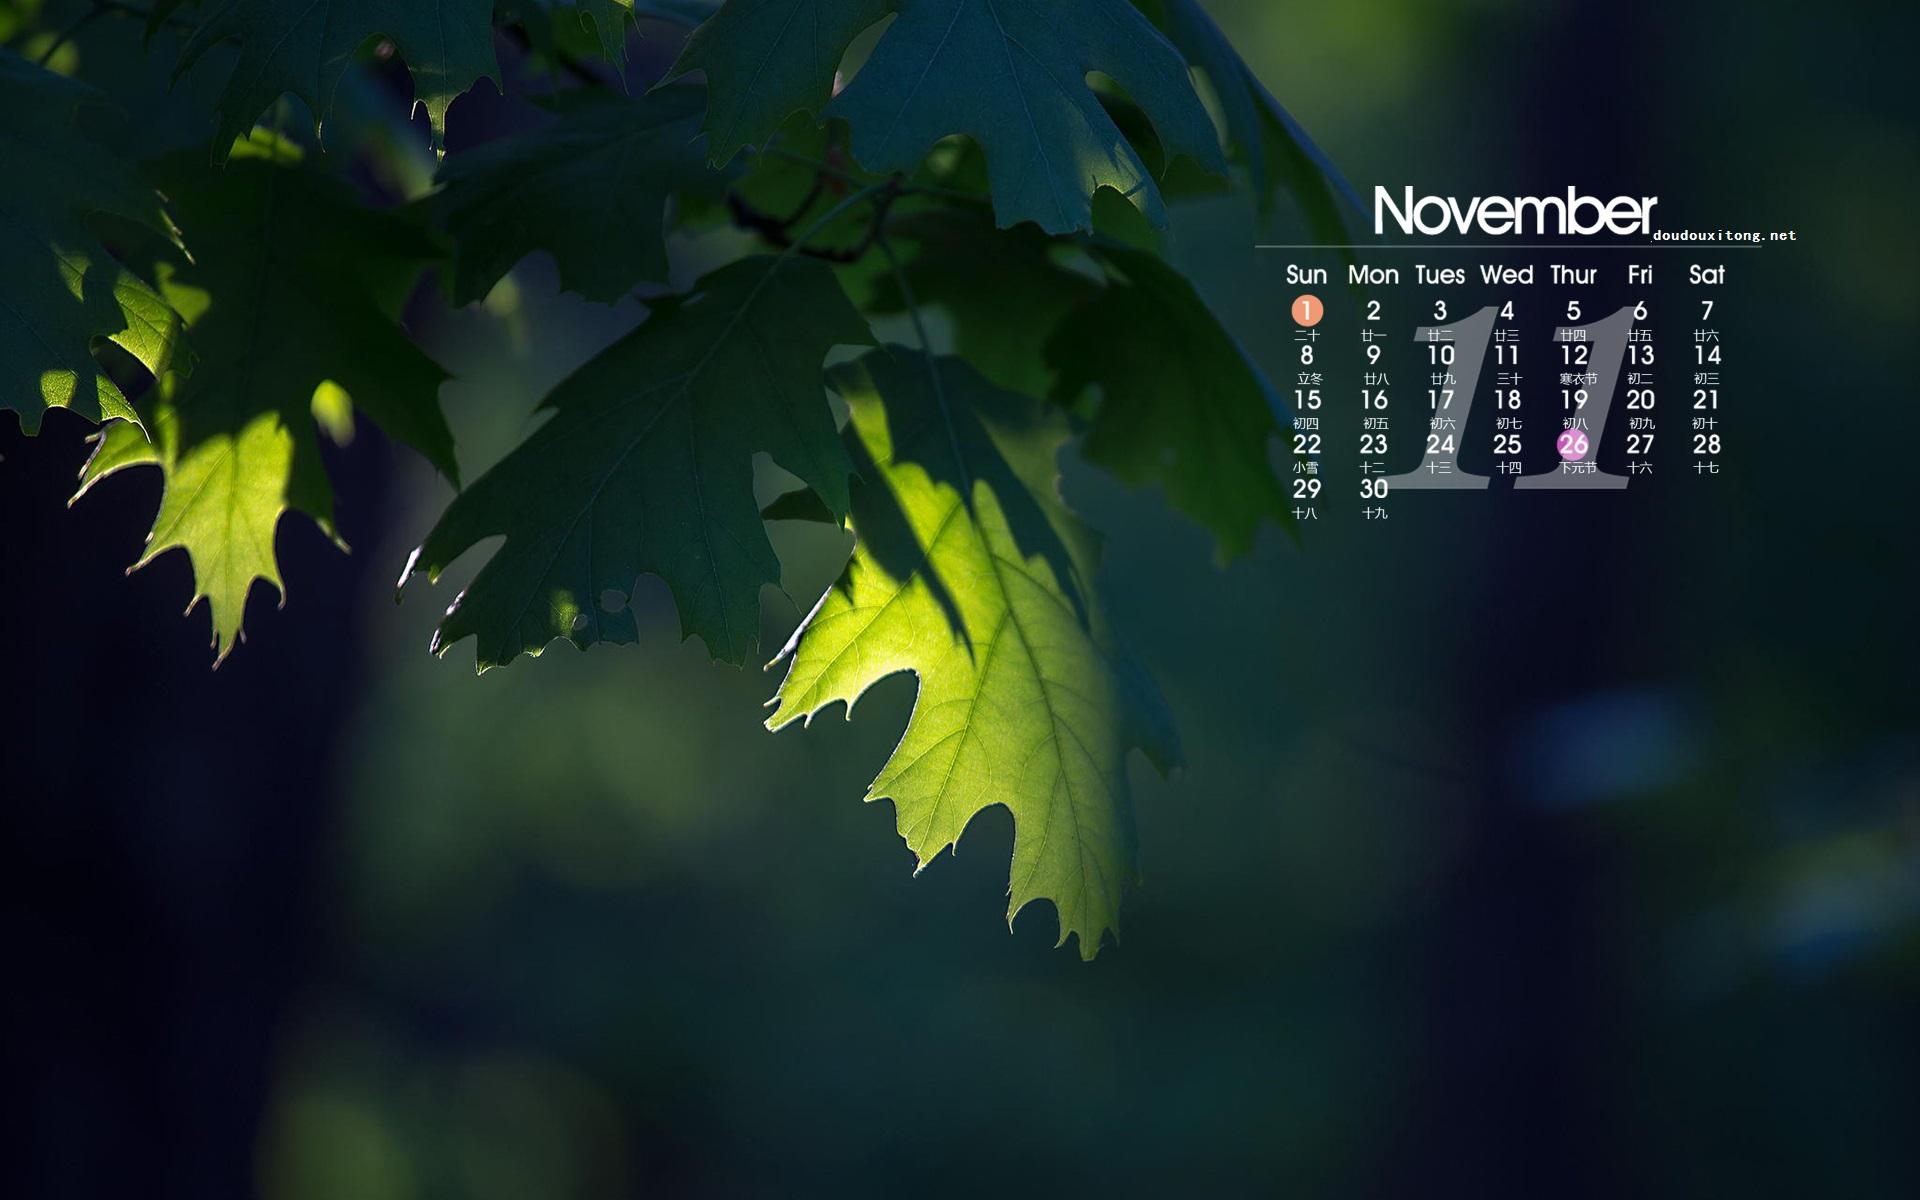 > 2015年11月份绿色护眼日历电脑壁纸